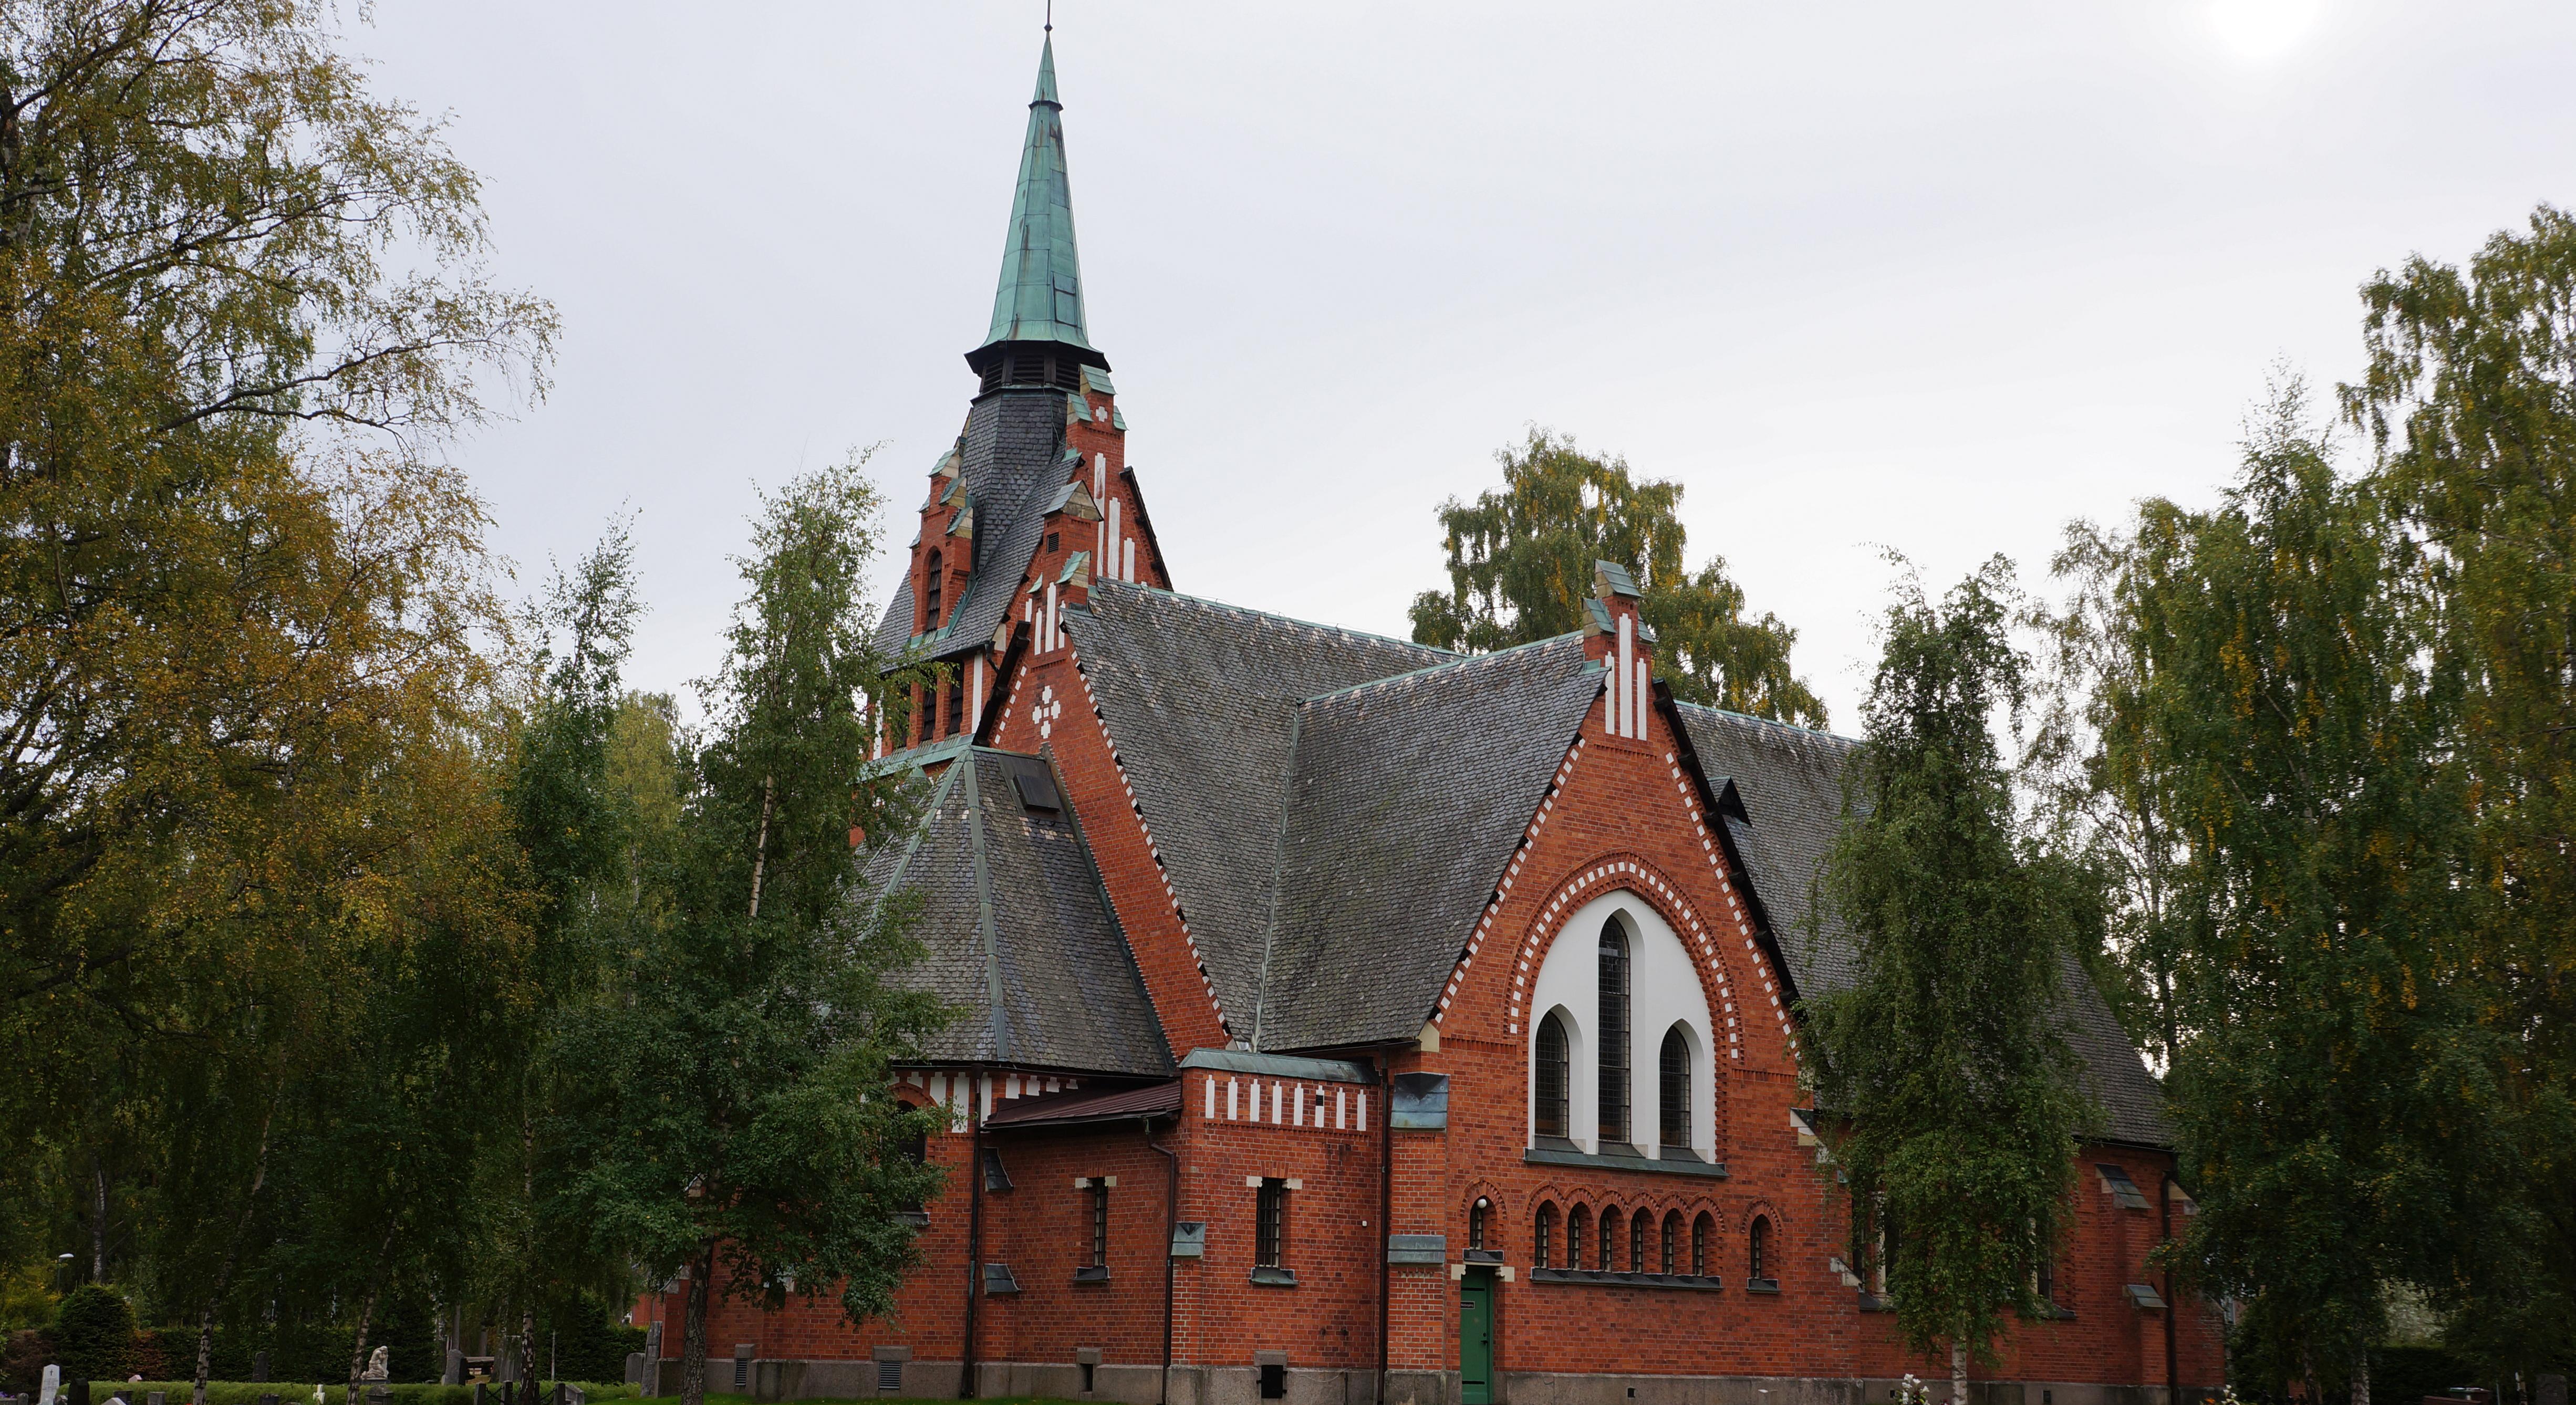 Runnabyvägen 26 Örebro Län, Örebro - tapissier-lanoe.com